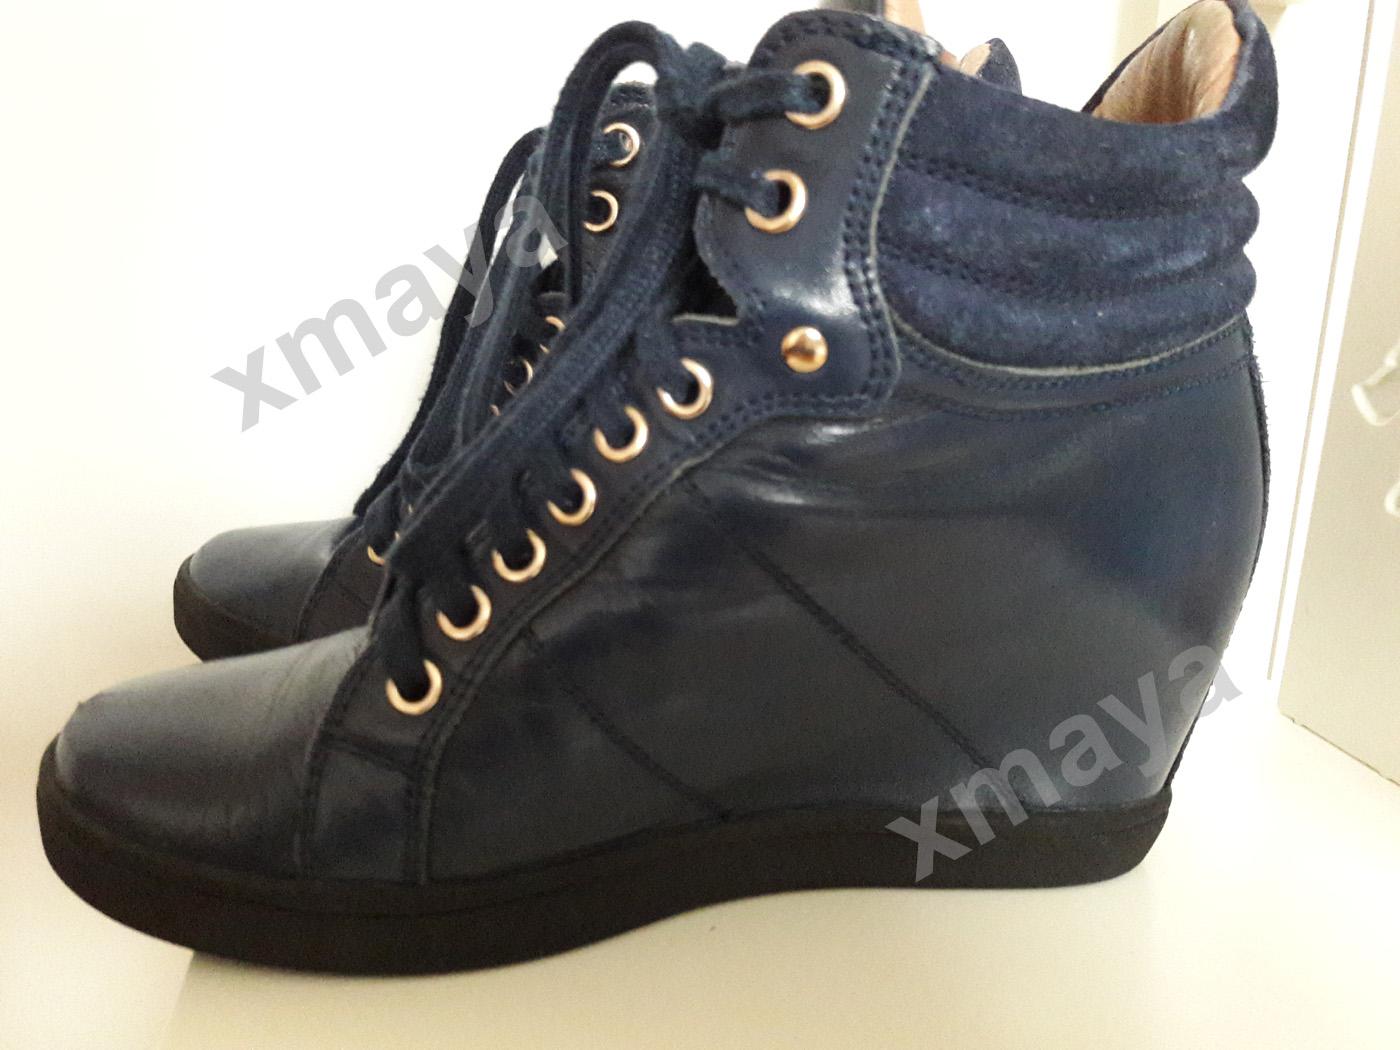 c0eb57cf KAZAR sneakersy trzewiki trampki skóra 38 - 7176241205 - oficjalne archiwum  allegro